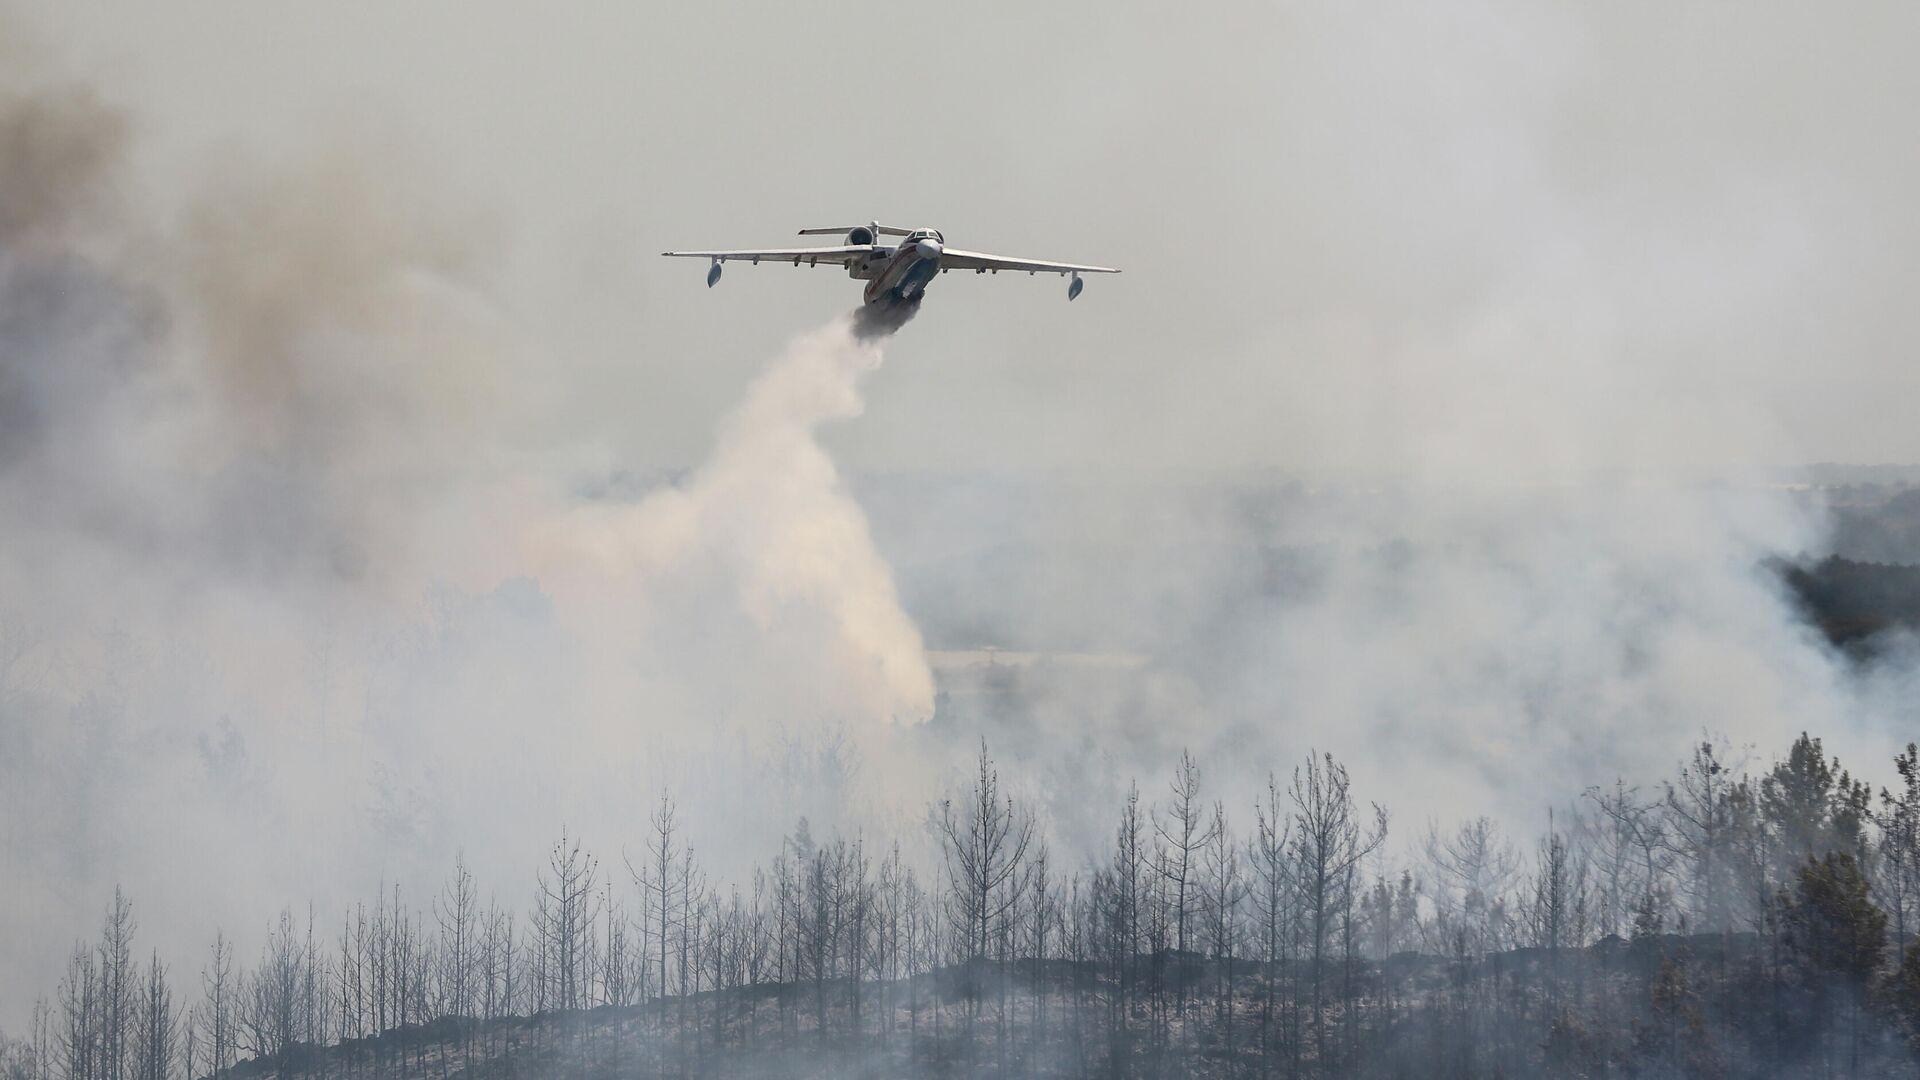 Un avión de bomberos arroja agua sobre un incendio forestal cerca de la ciudad de Manavgat, al este de la ciudad turística de Antalya, Turquía, el 31 de julio de 2021 - Sputnik Mundo, 1920, 01.08.2021